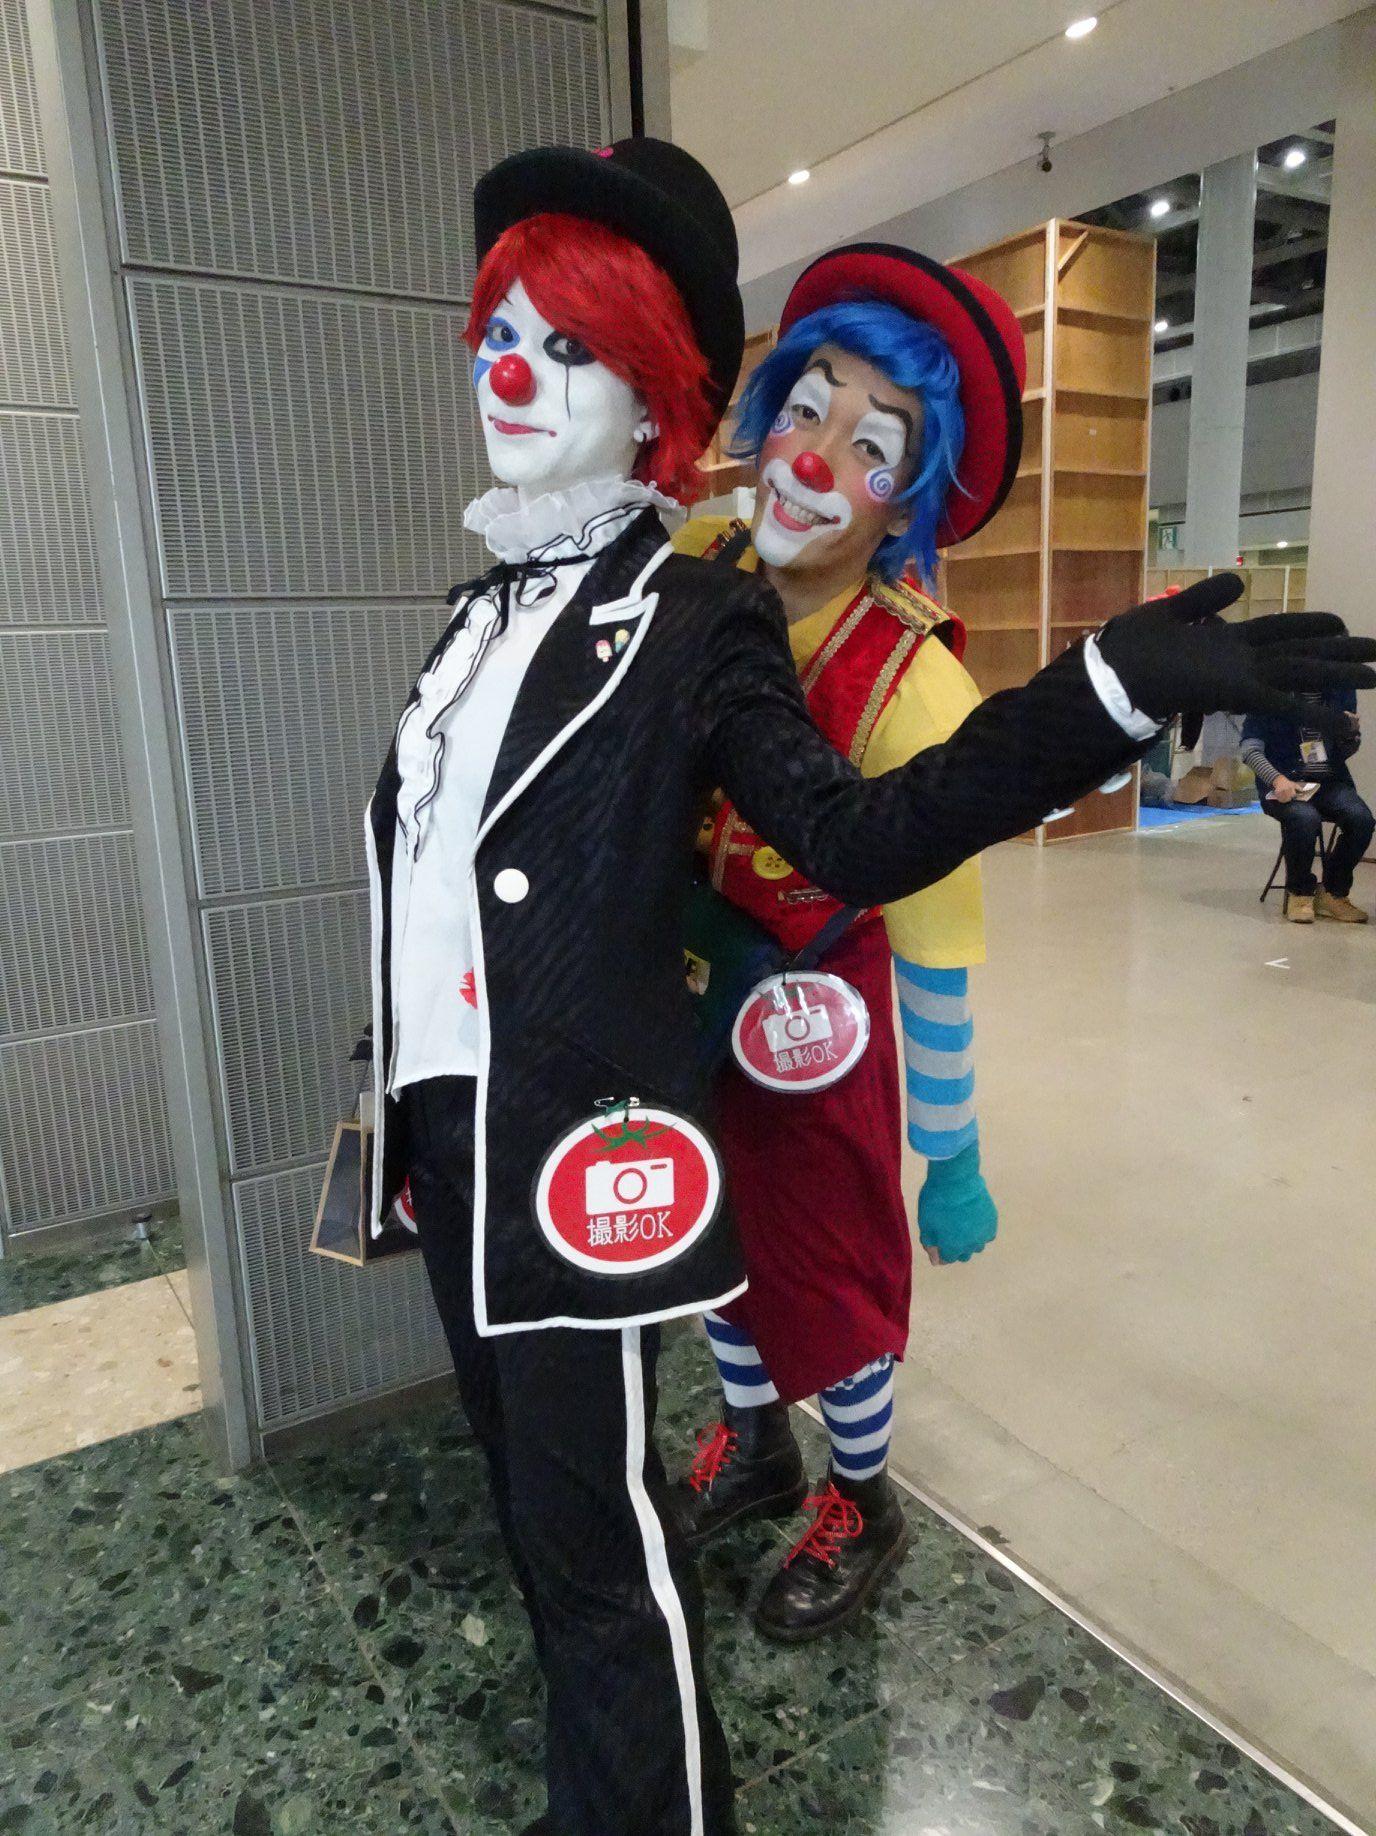 Clowns Picture From Hirotaka Sasako Facebook Japan Clown Photograph Cute Clown Clown Cute